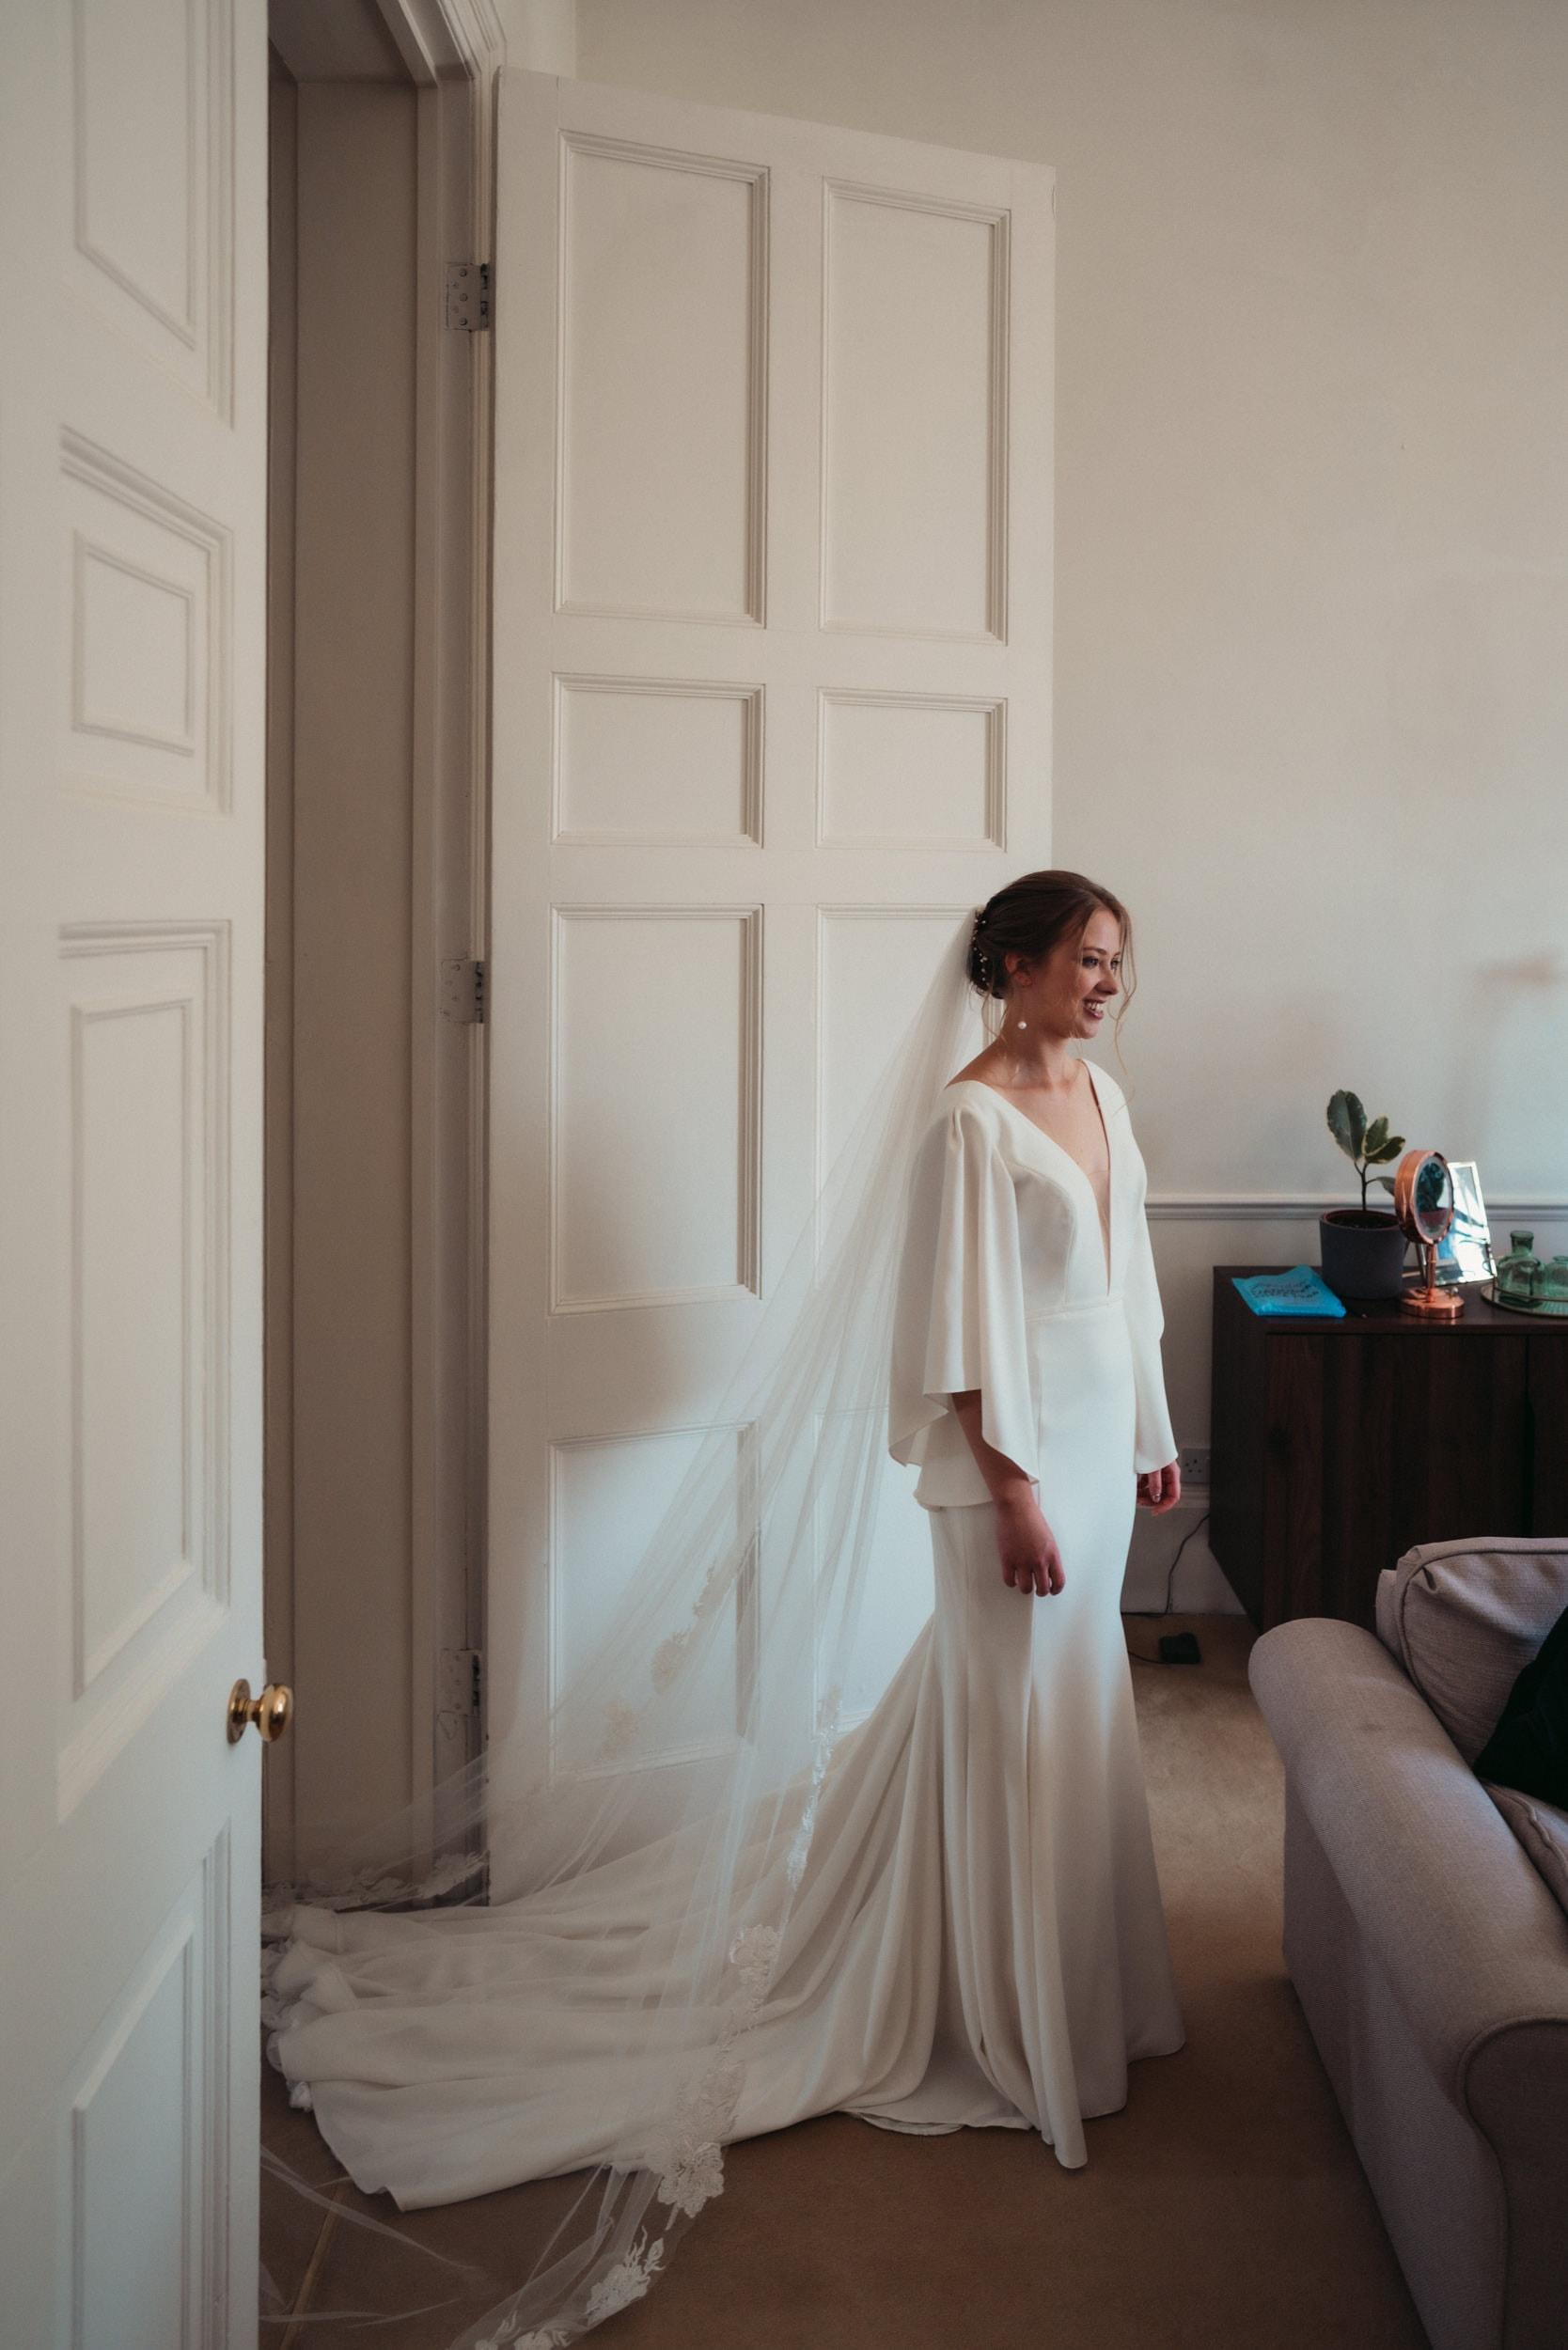 bride in bath flat